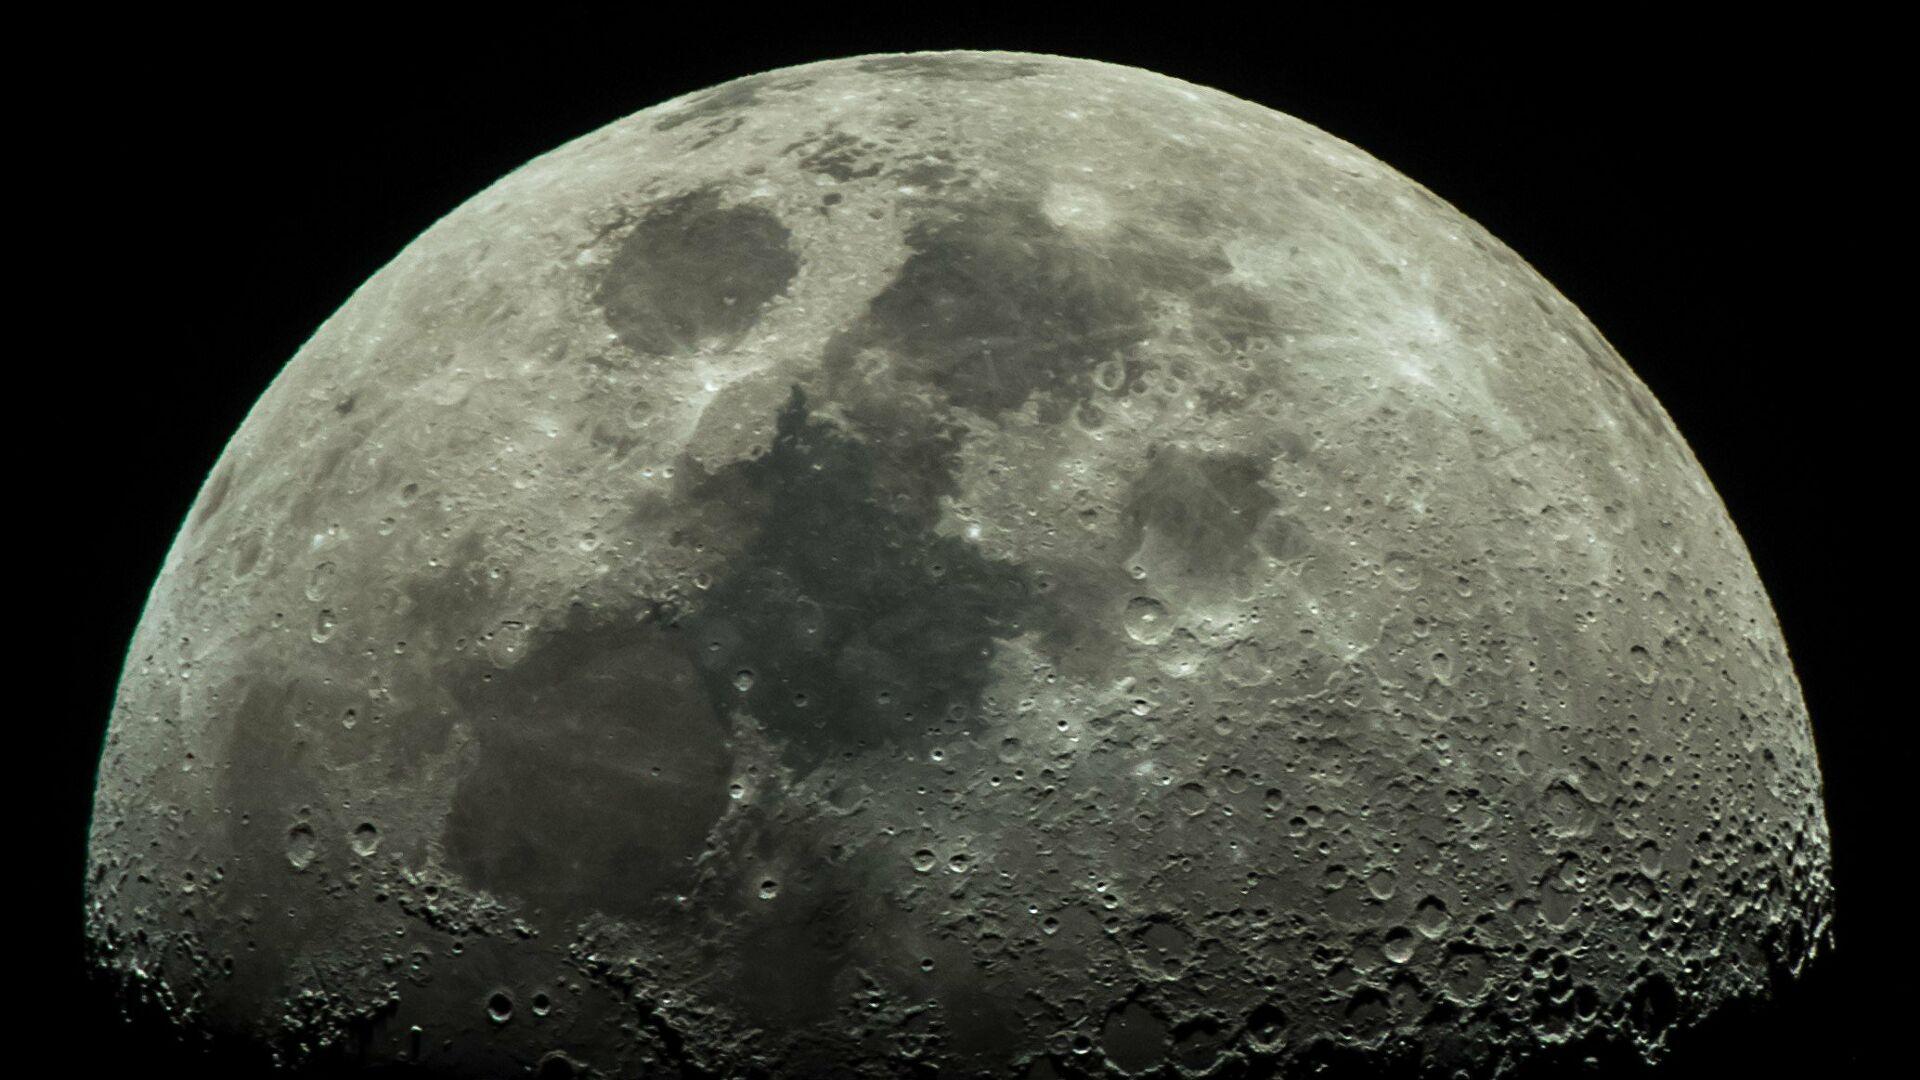 Русија и Кина потписале меморандум о стварању заједничке научне лунарне станице